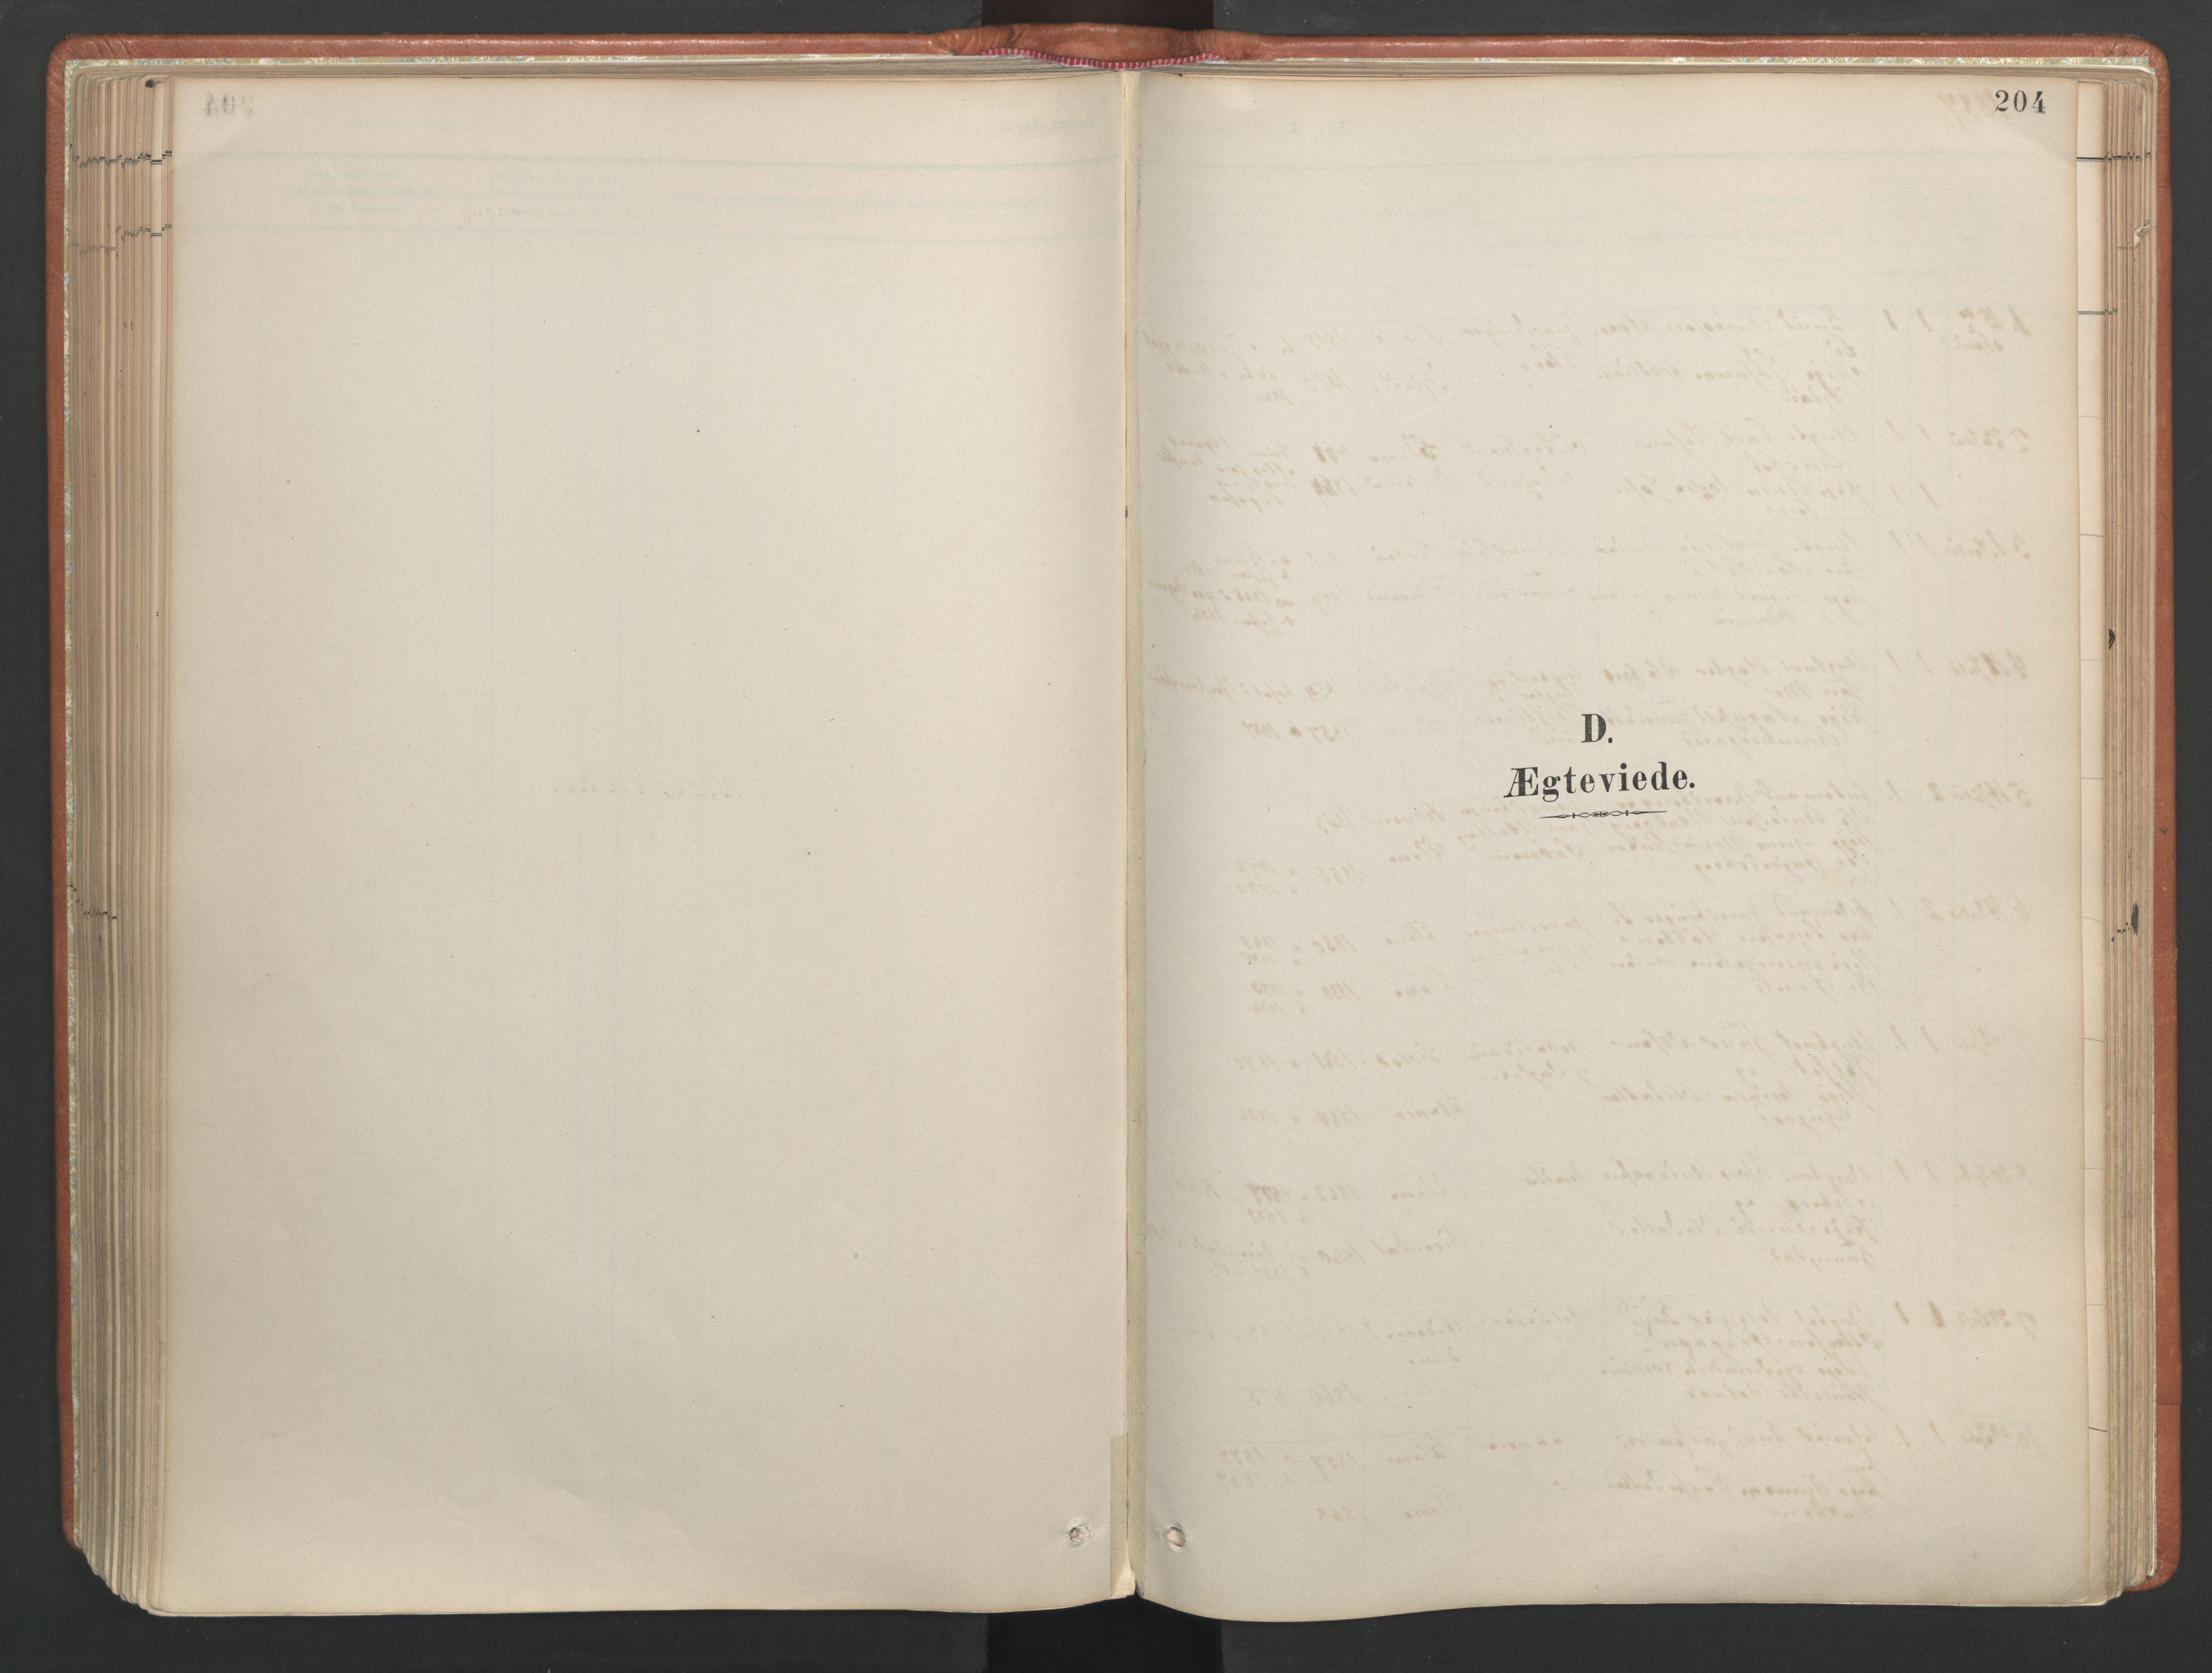 SAT, Ministerialprotokoller, klokkerbøker og fødselsregistre - Møre og Romsdal, 557/L0682: Ministerialbok nr. 557A04, 1887-1970, s. 204